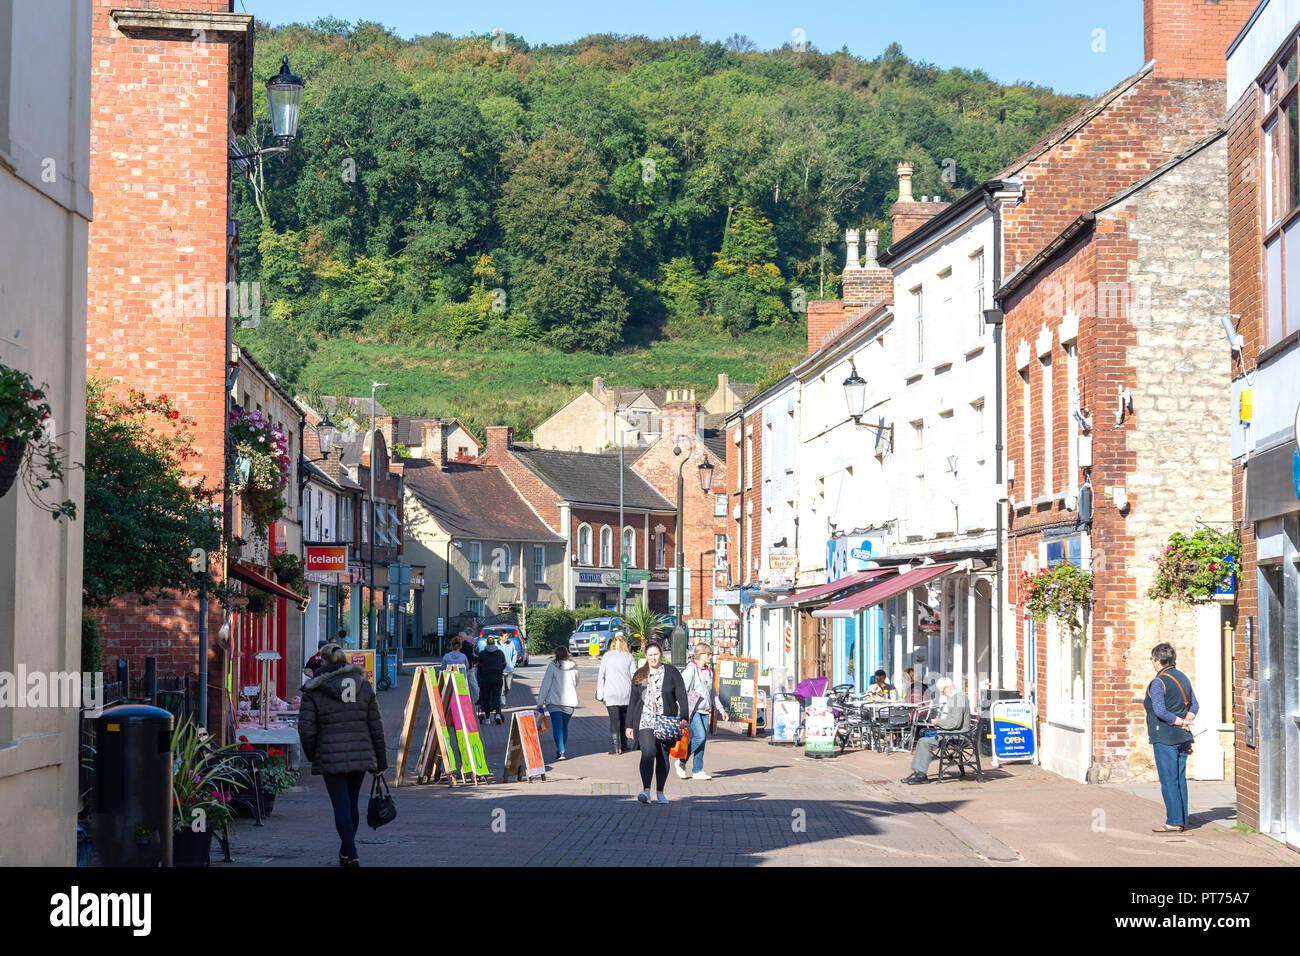 Pedestrianised Parsonage Street, Dursley, Gloucestershire, England, United Kingdom - Stock Image